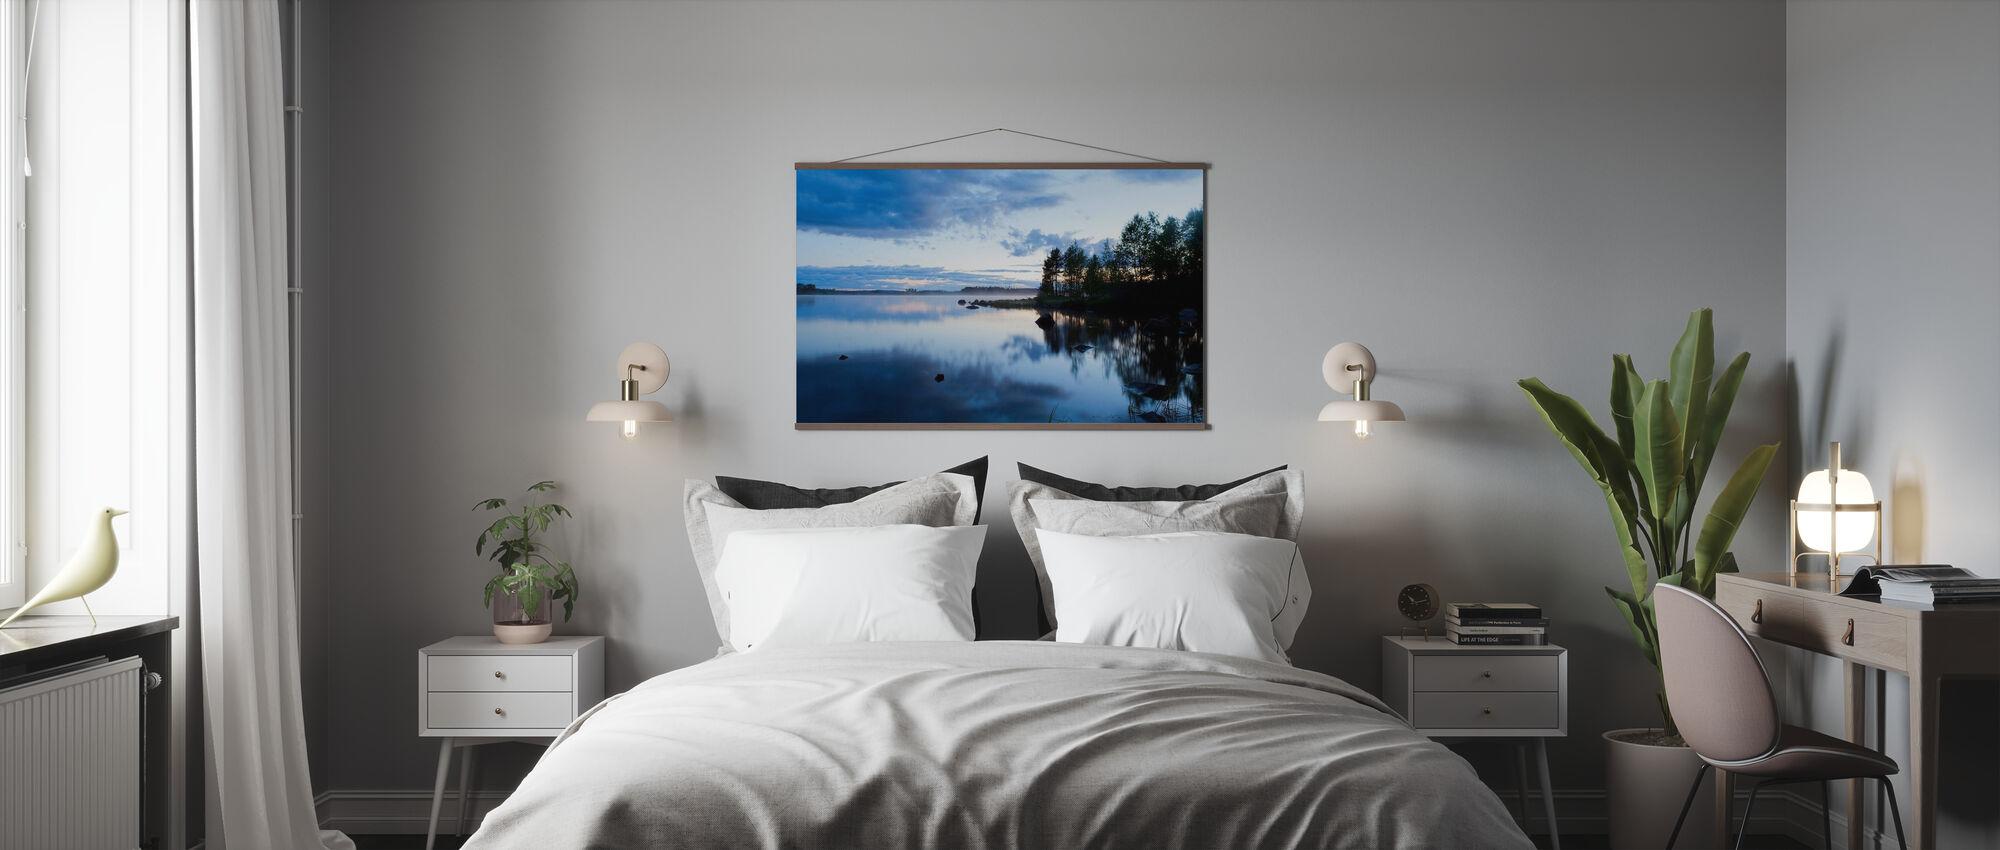 Venjan in Dalarna, Sweden, Europe - Poster - Bedroom